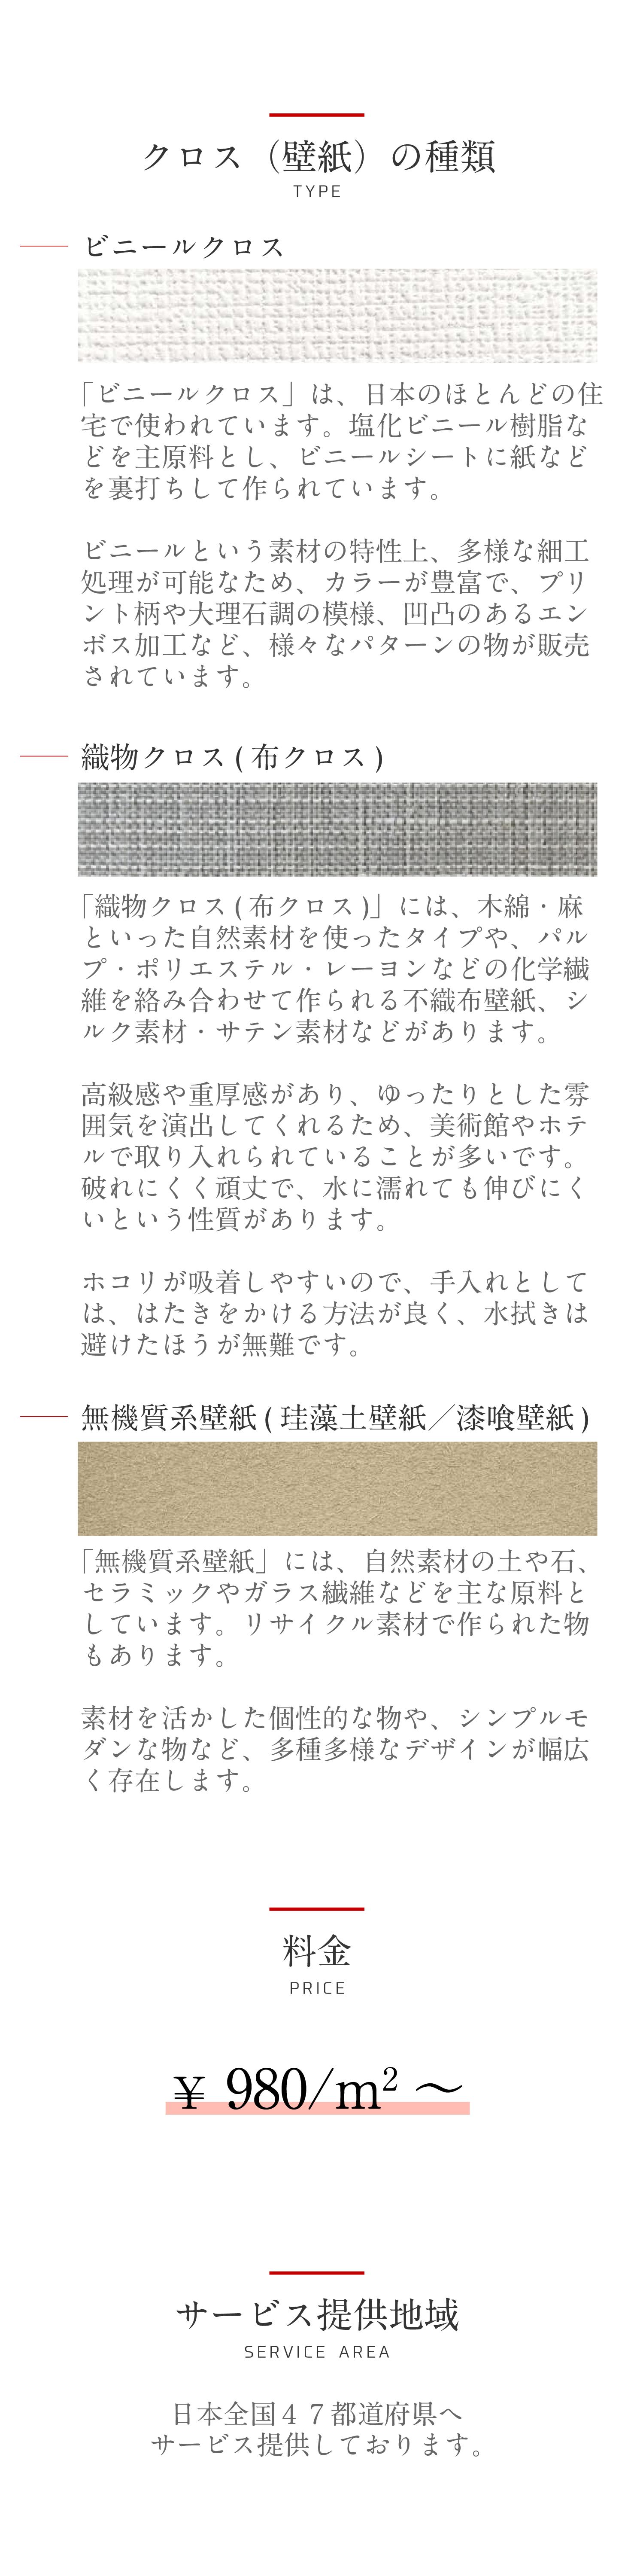 クロス(壁紙)の種類。ビニールクロス。「ビニールクロス」は、日本のほとんどの住宅で使われています。塩化ビニール樹脂などを主原料とし、ビニールシートに紙などを裏打ちして作られています。ビニールという素材の特性上、多様な細工処理が可能なため、カラーが豊富で、プリント柄や大理石調の模様、凹凸のあるエンボス加工など、様々なパターンの物が販売されています。織物クロス(布クロス)。「織物クロス(布クロス)」には、木綿・麻といった自然素材を使ったタイプや、パルプ・ポリエステル・レーヨンなどの化学繊維を絡み合わせて作られる不織布壁紙、シルク素材・サテン素材などがあります。高級感や重厚感があり、ゆったりとした雰囲気を演出してくれるため、美術館やホテルで取り入れられていることが多いです。破れにくく頑丈で、水に濡れても伸びにくいという性質があります。ホコリが吸着しやすいので、手入れとしては、はたきをかける方法が良く、水拭きは避けたほうが無難です。無機質系壁紙(珪藻土壁紙/漆喰壁紙)。「無機質系壁紙」には、自然素材の土や石、セラミックやガラス繊維などを主な原料としています。リサイクル素材で作られた物もあります。素材を活かした個性的な物や、シンプルモダンな物など、多種多様なデザインが幅広く存在します。料金。980/平米~。※人件費・工賃・廃材廃棄代すべて含む。サービス提供地域。日本全国47都道府県へ サービス提供しております。